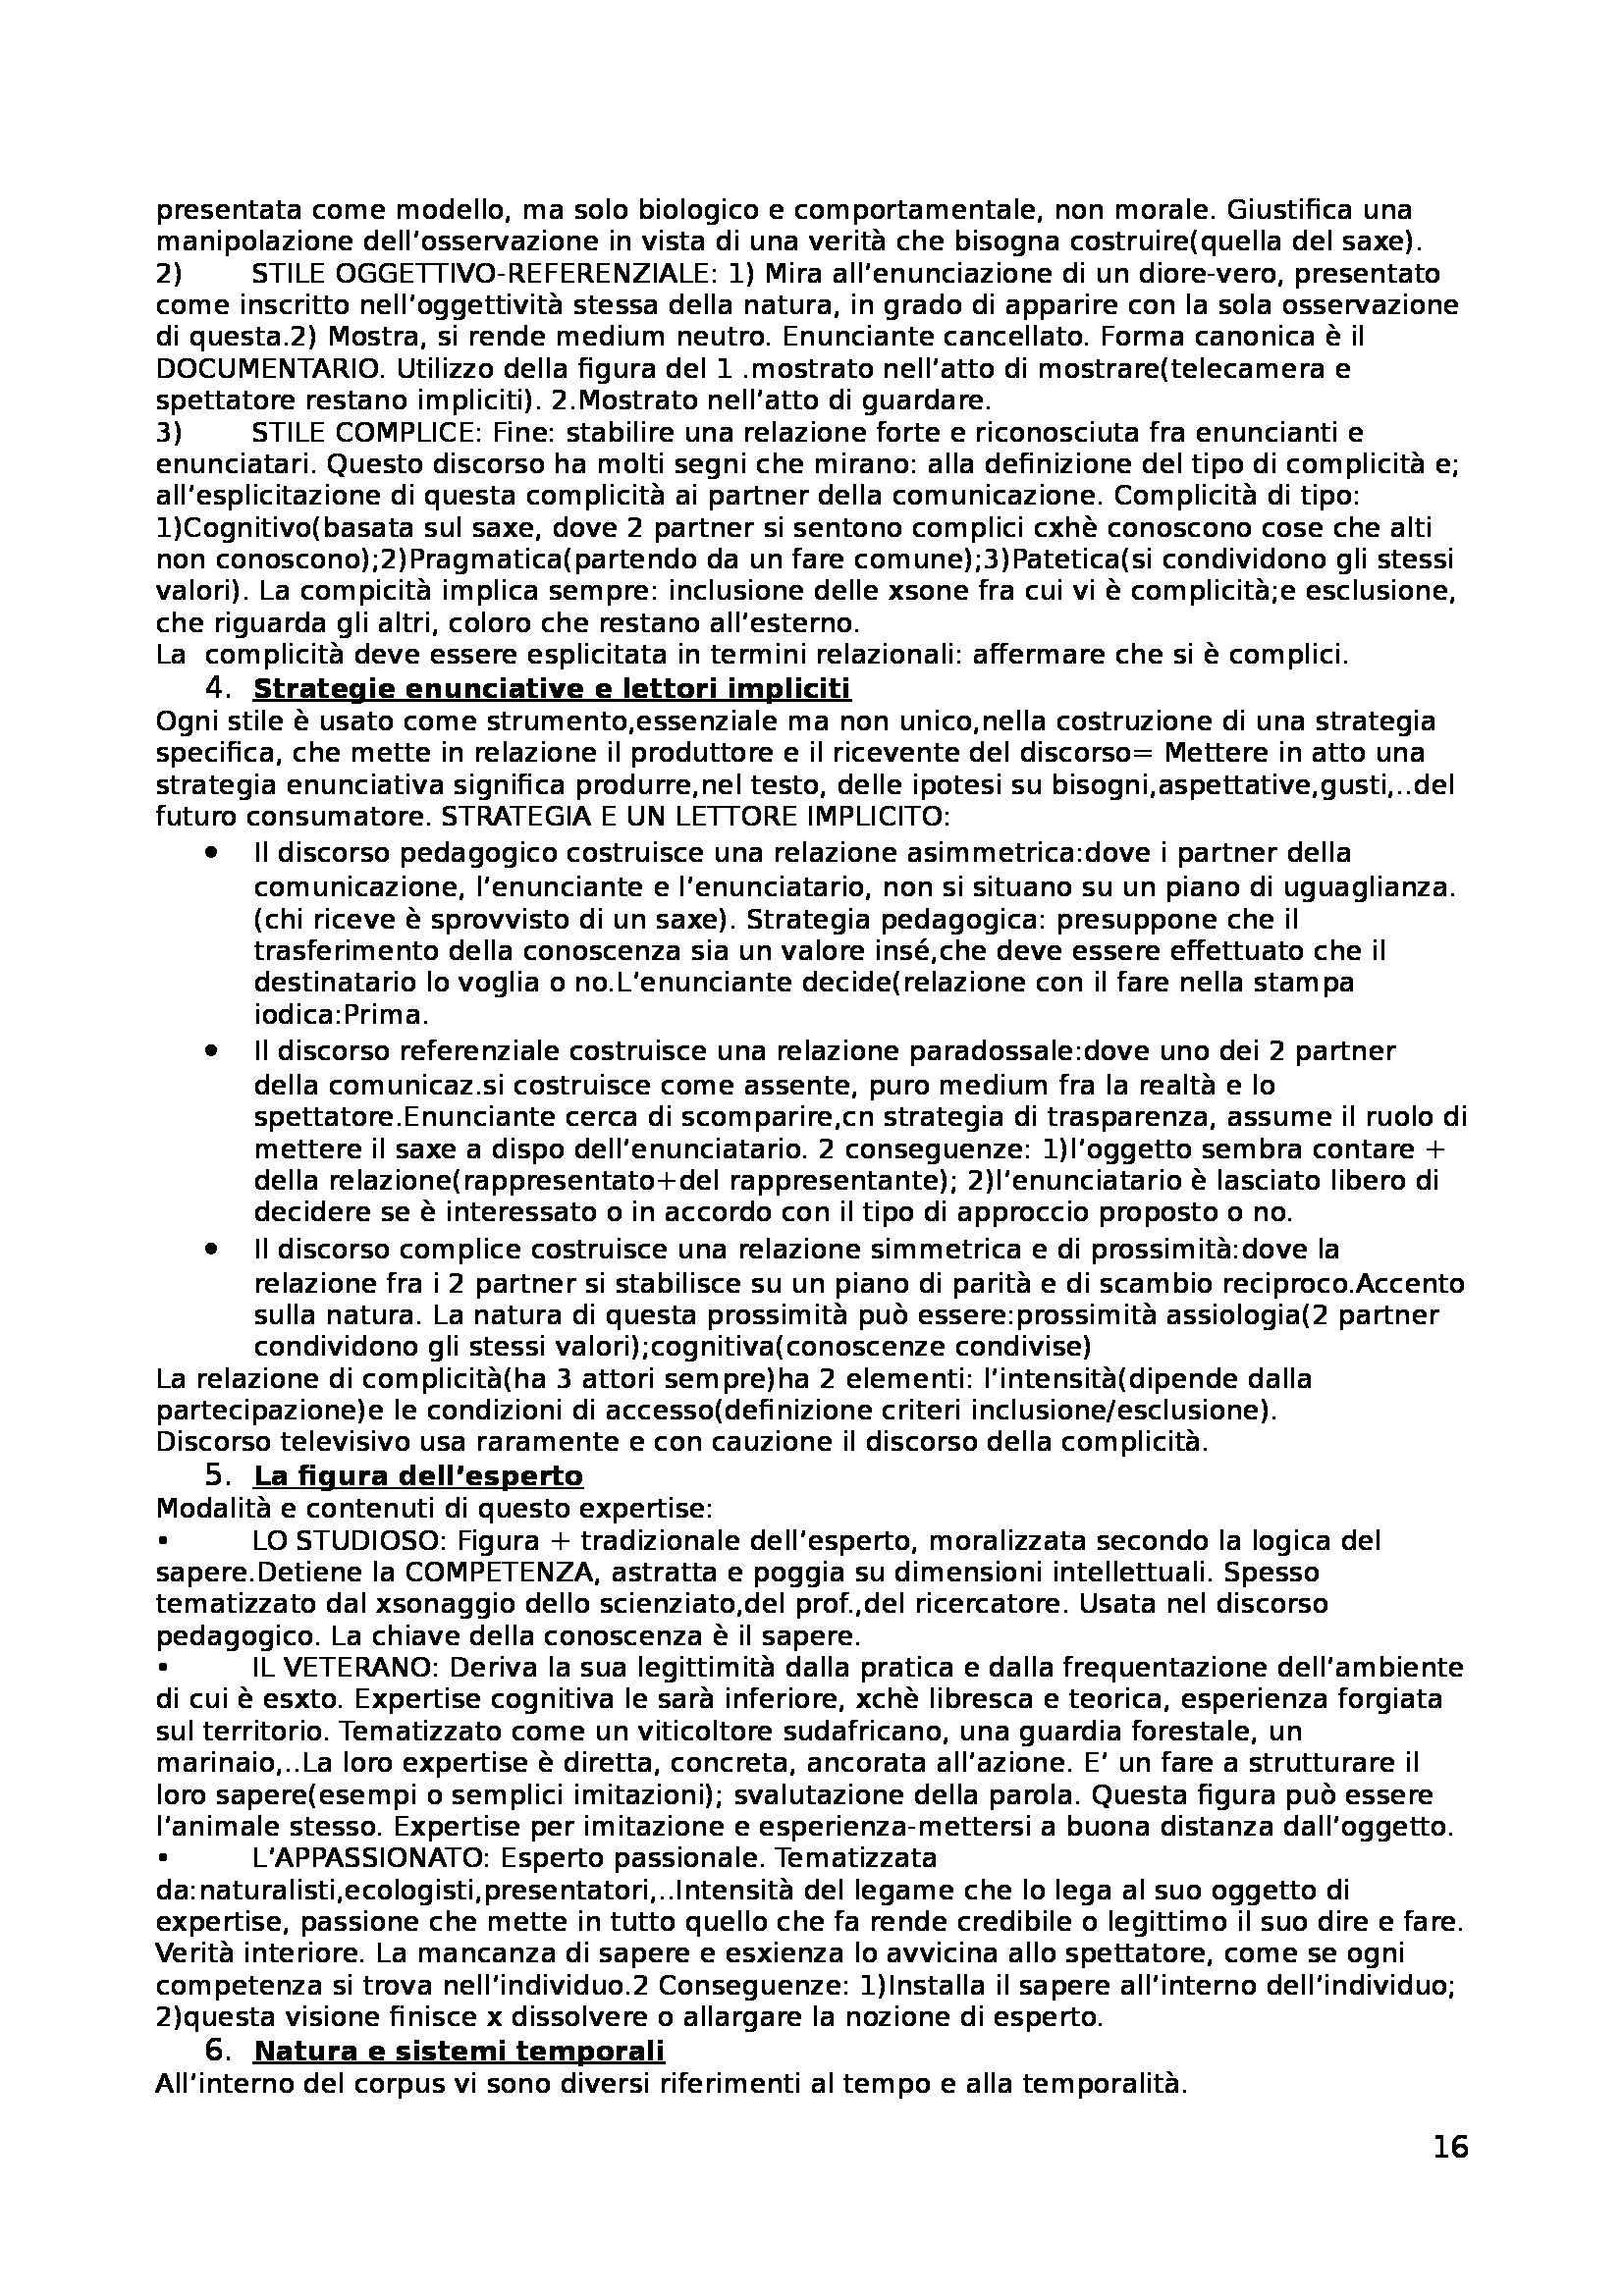 Riassunto esame Linguaggi Politici, prof. Bellini, libro consigliato Analizzare la comunicazione. Come analizzare la pubblicità, Semprini Pag. 16